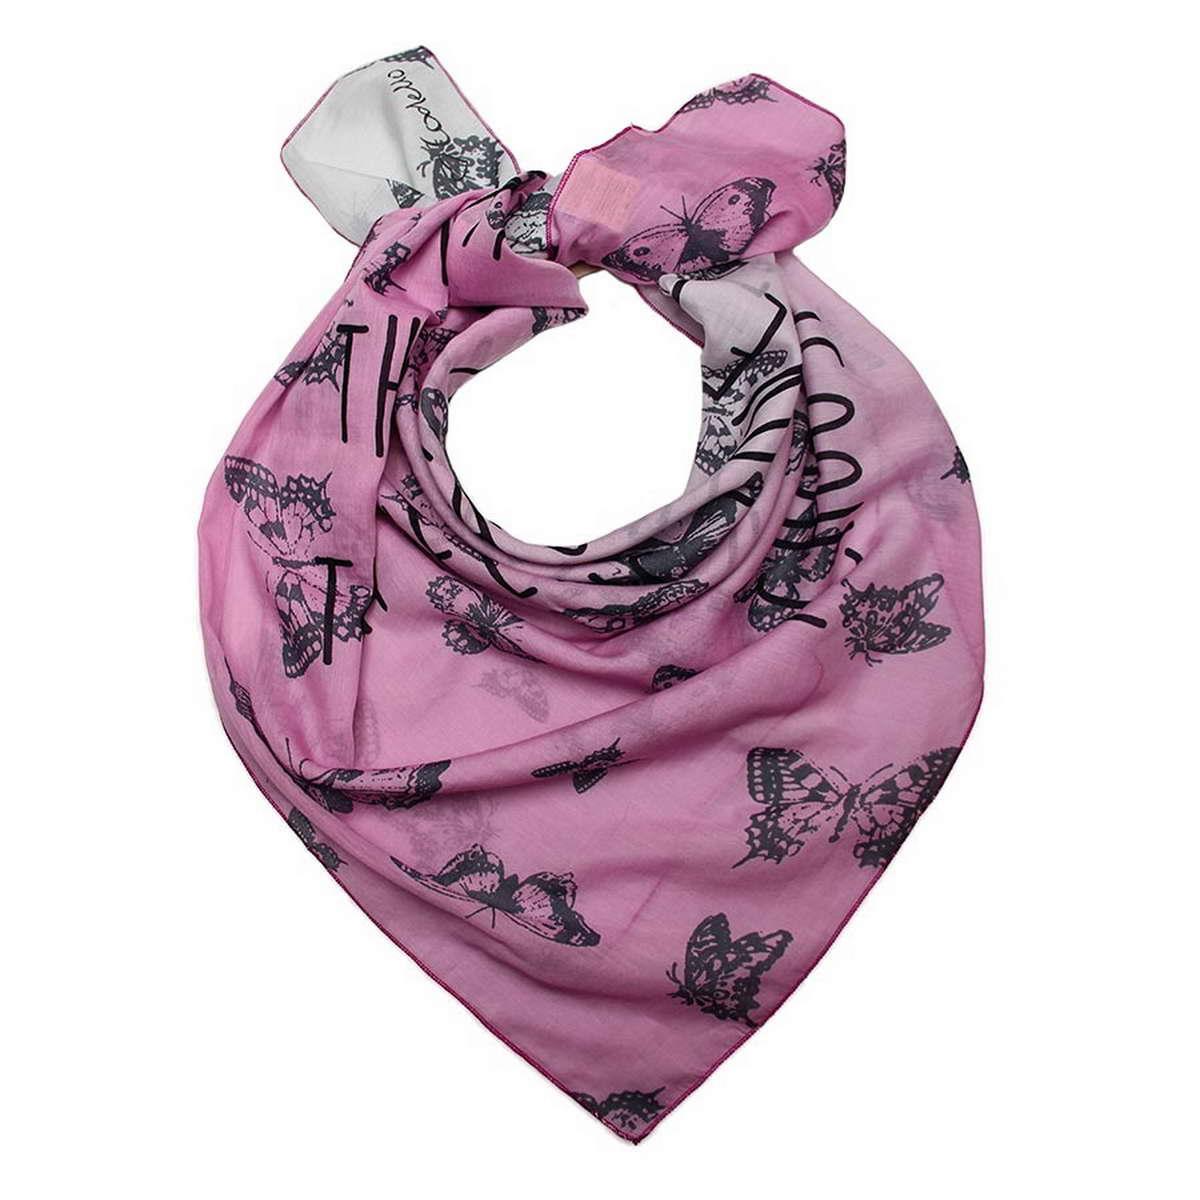 Платок6700871-3Стильный женский платок Codello, изготовленный из хлопка с добавлением шелка, выполнен в оригинальной цветовой гамме и оформлен оригинальным принтом в виде бабочек. Классическая квадратная форма позволяет носить платок на шее, украшать им прическу или декорировать сумочку. Такой платок превосходно дополнит любой наряд и подчеркнет ваш неповторимый вкус и элегантность.